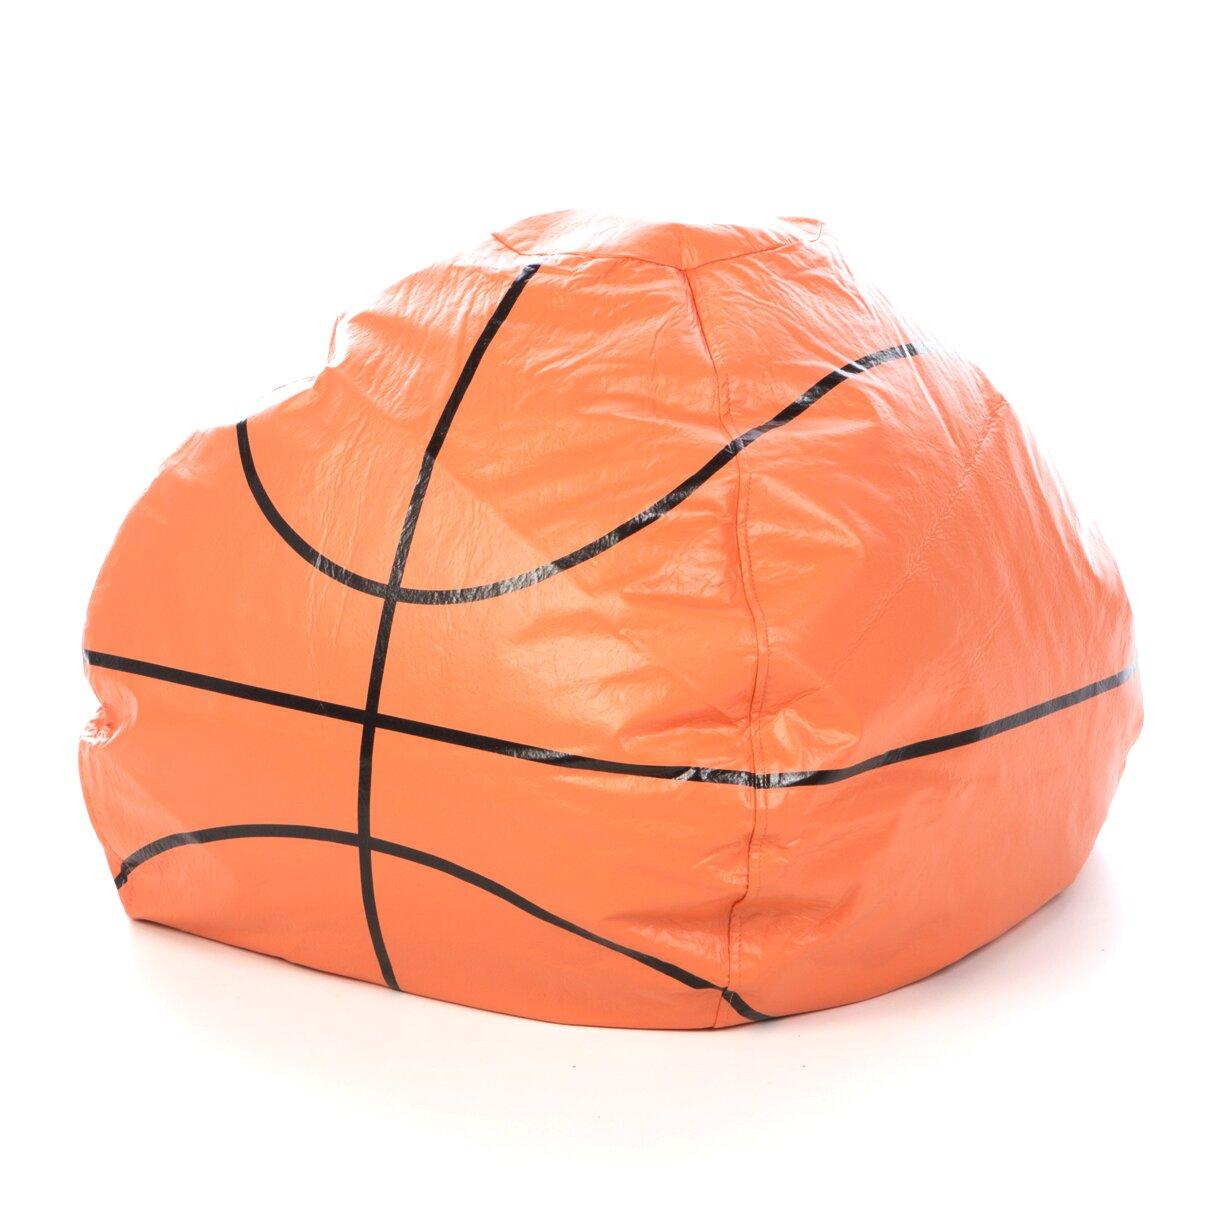 Viv + Rae Kierra Basketball Bean Bag Chair